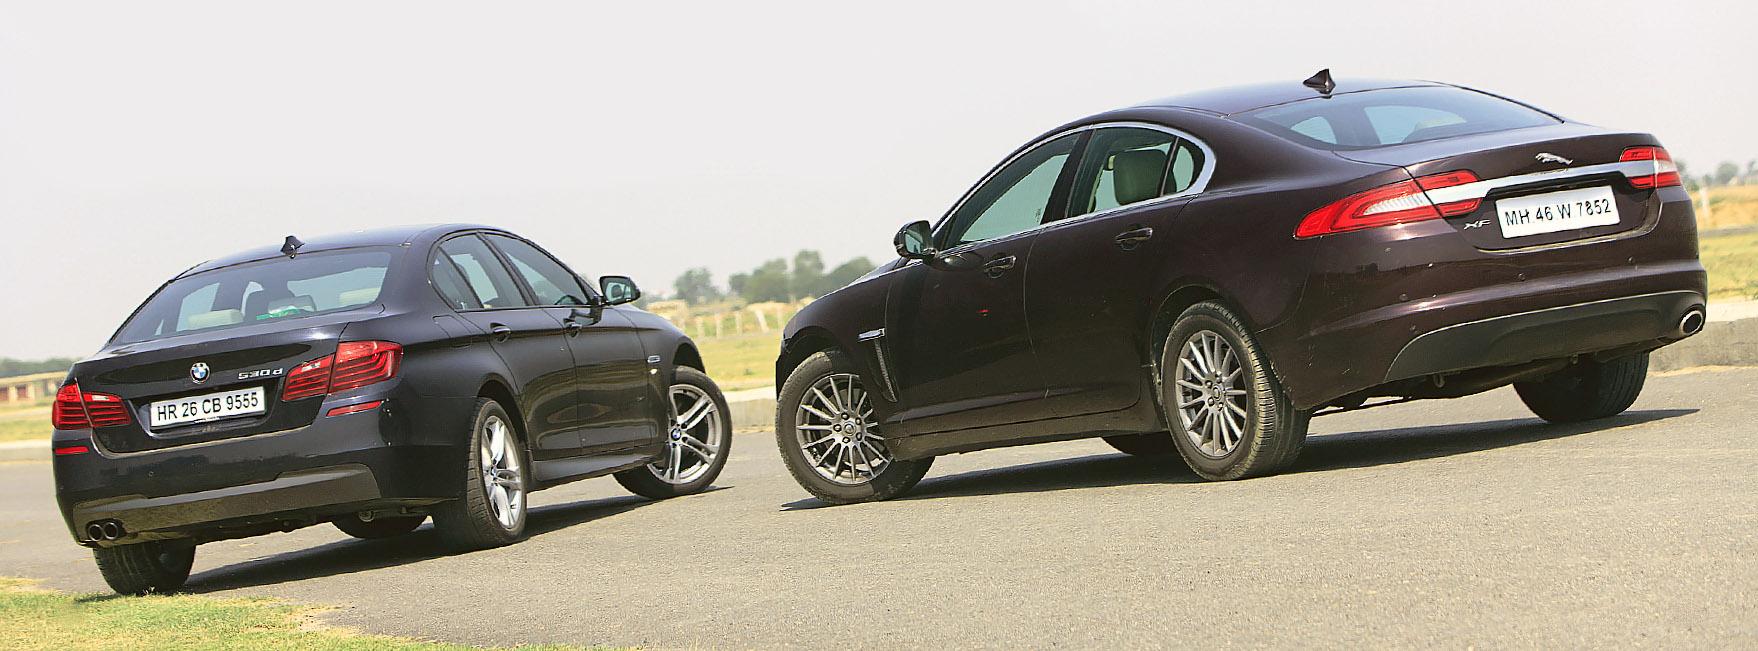 BMW 530d F10 2014 vs Jaguar XF 2.2 D 2014